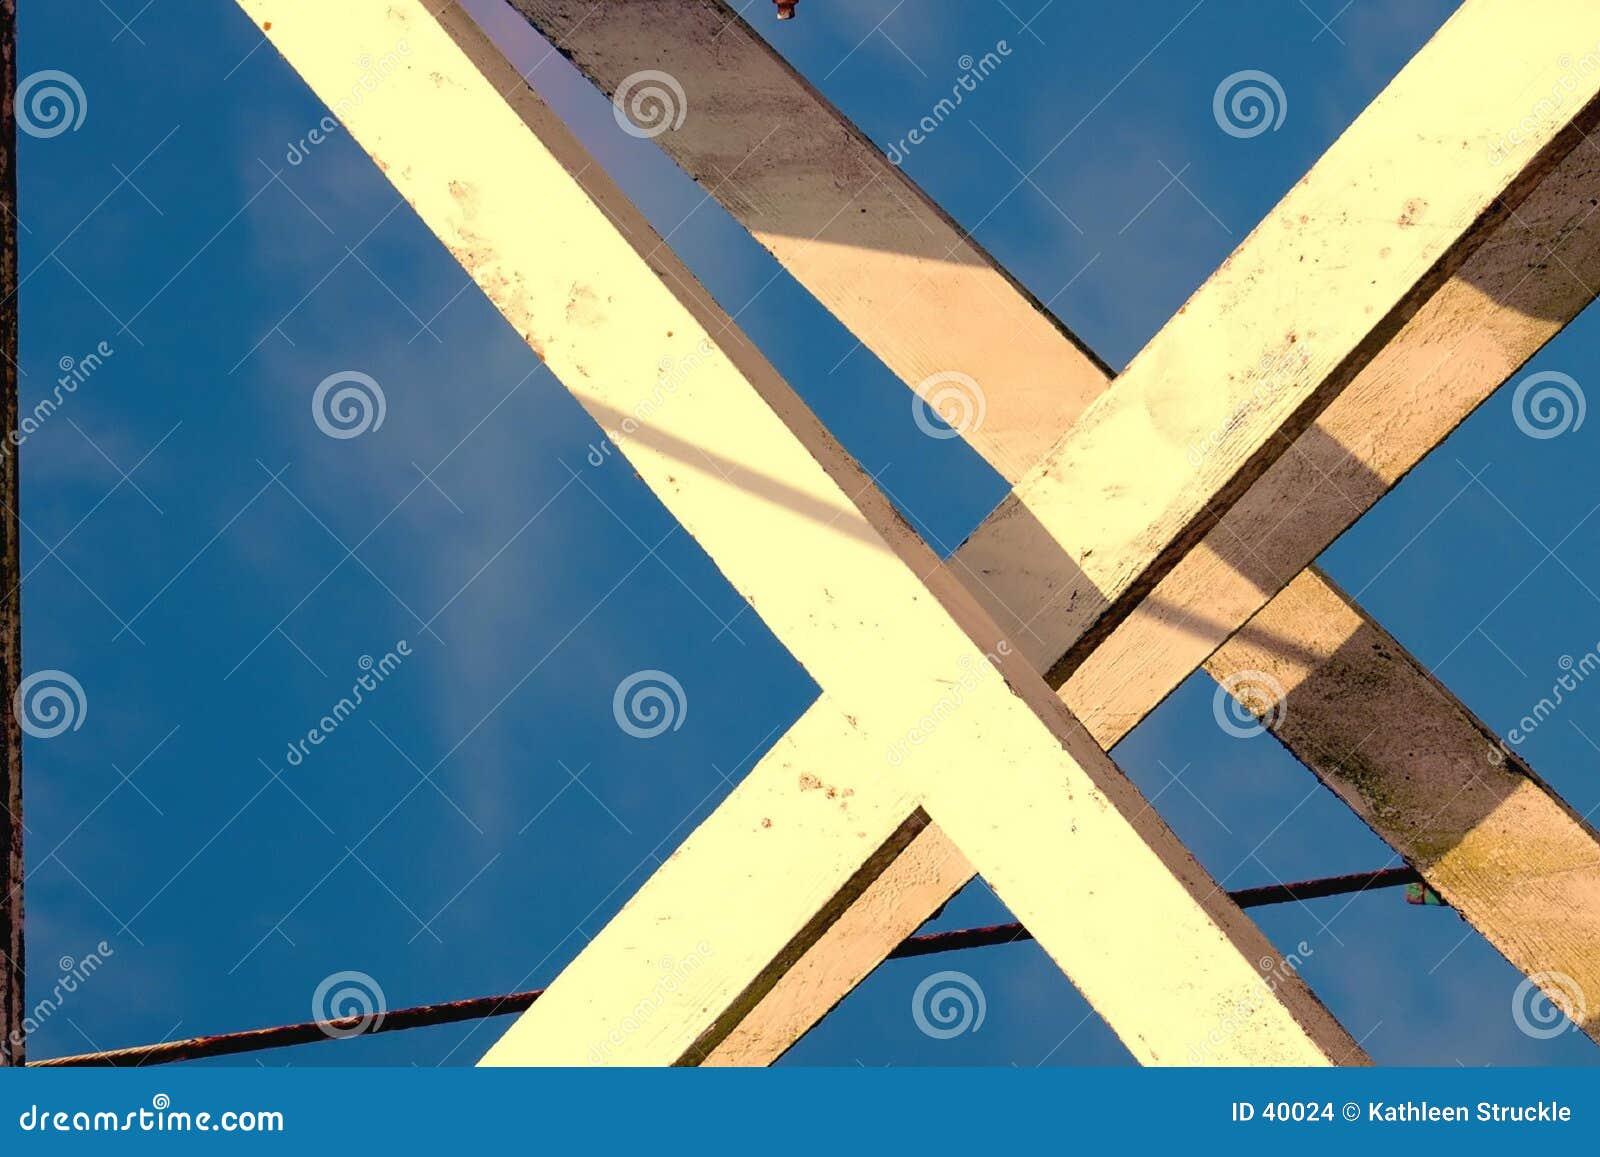 Download Ayudas y cable de madera foto de archivo. Imagen de estructura - 40024